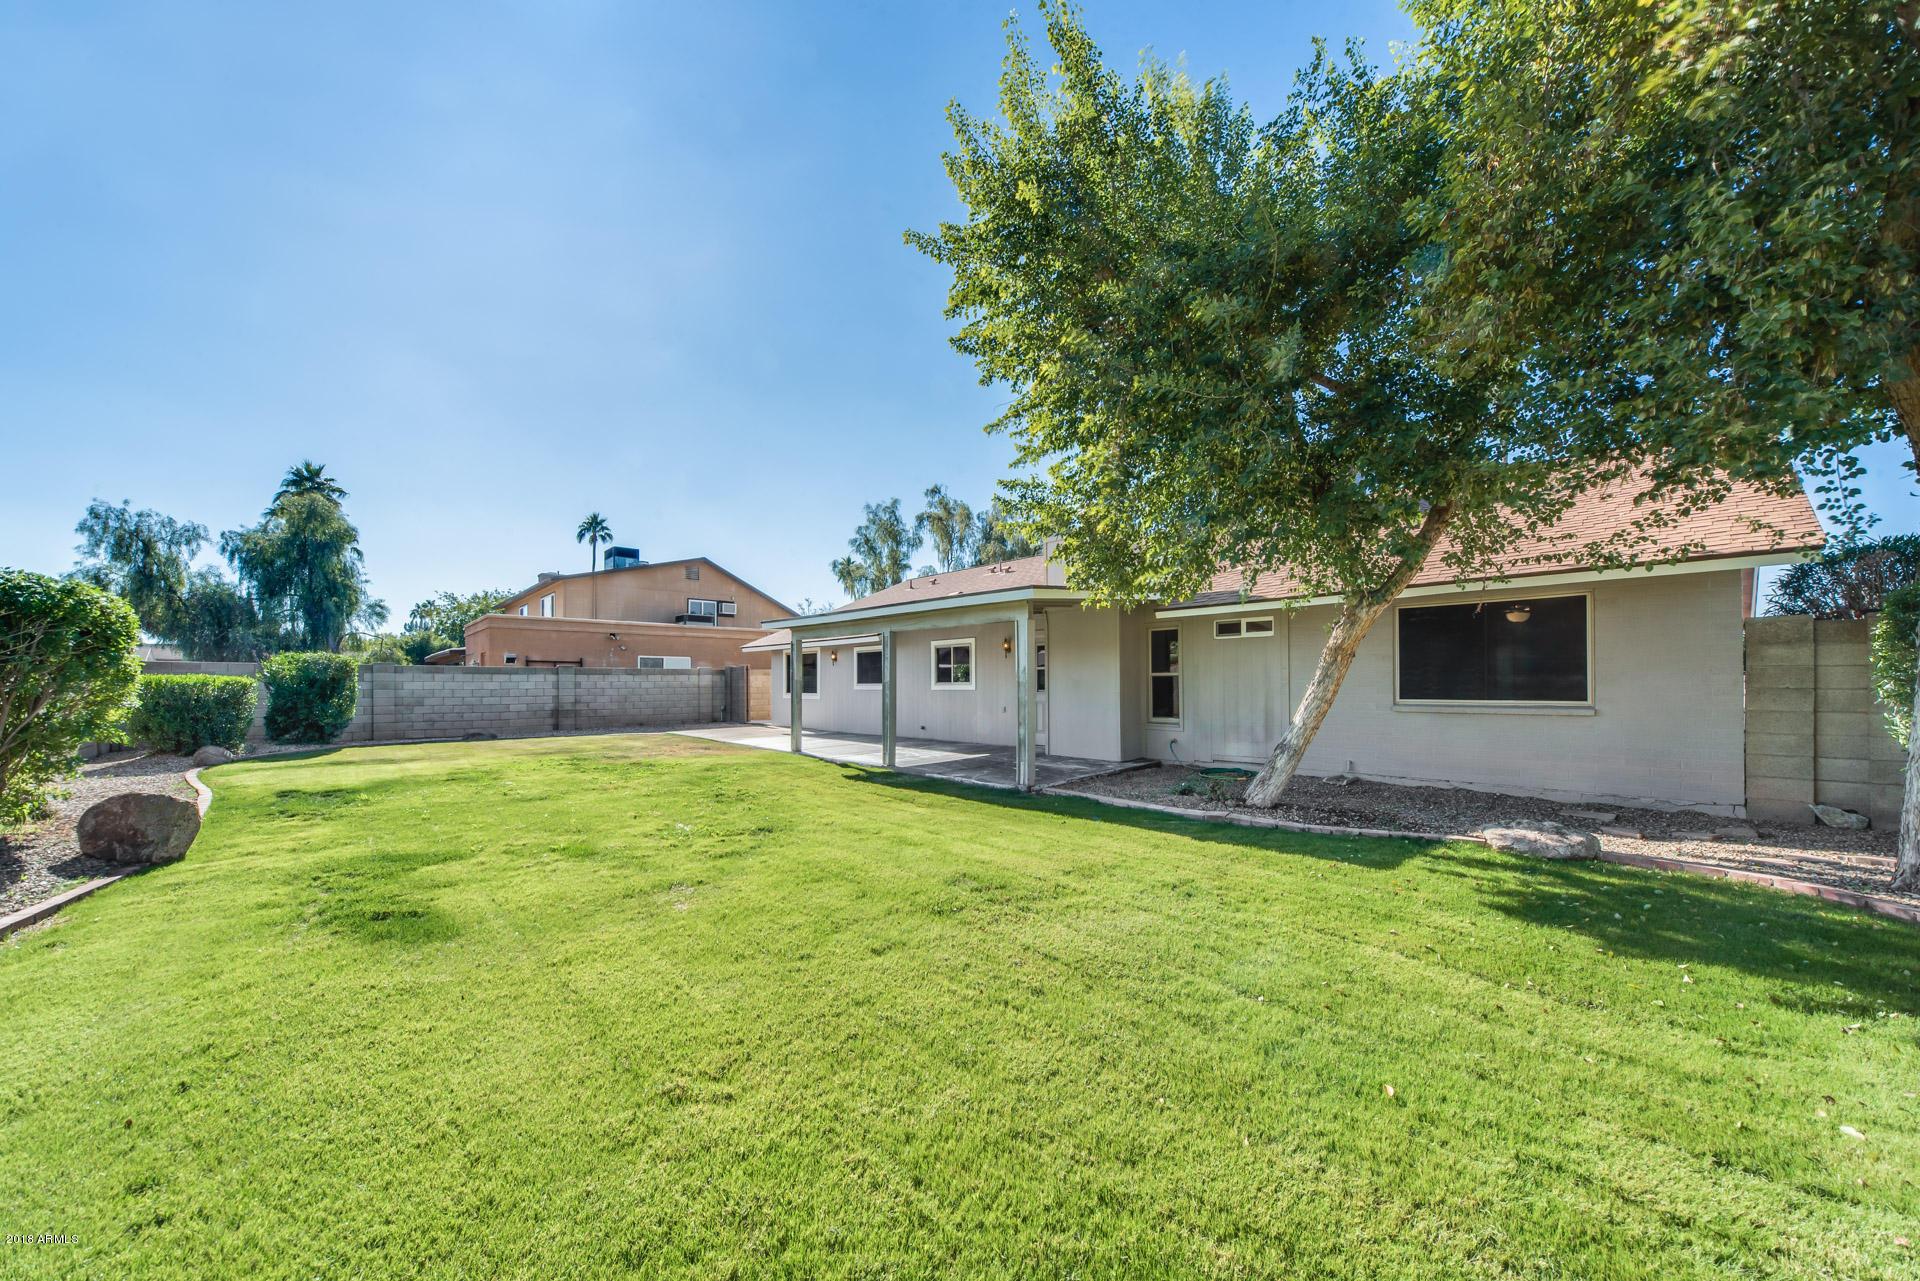 2637 S WESTWOOD Mesa, AZ 85210 - MLS #: 5859224